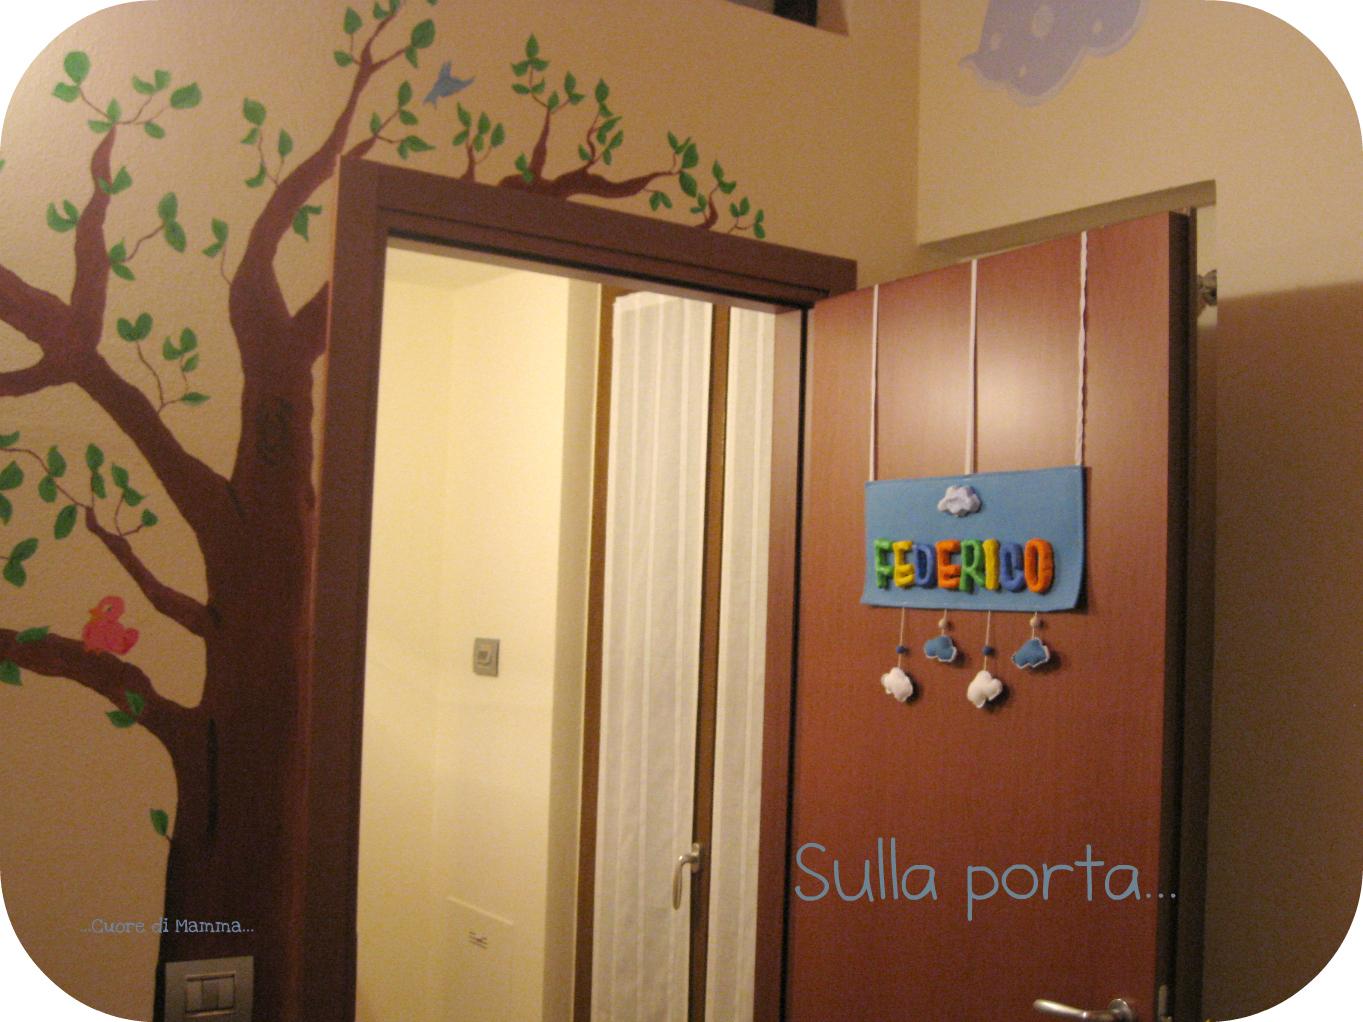 Cuore di mamma marzo 2011 - Federico salvatore sulla porta ...